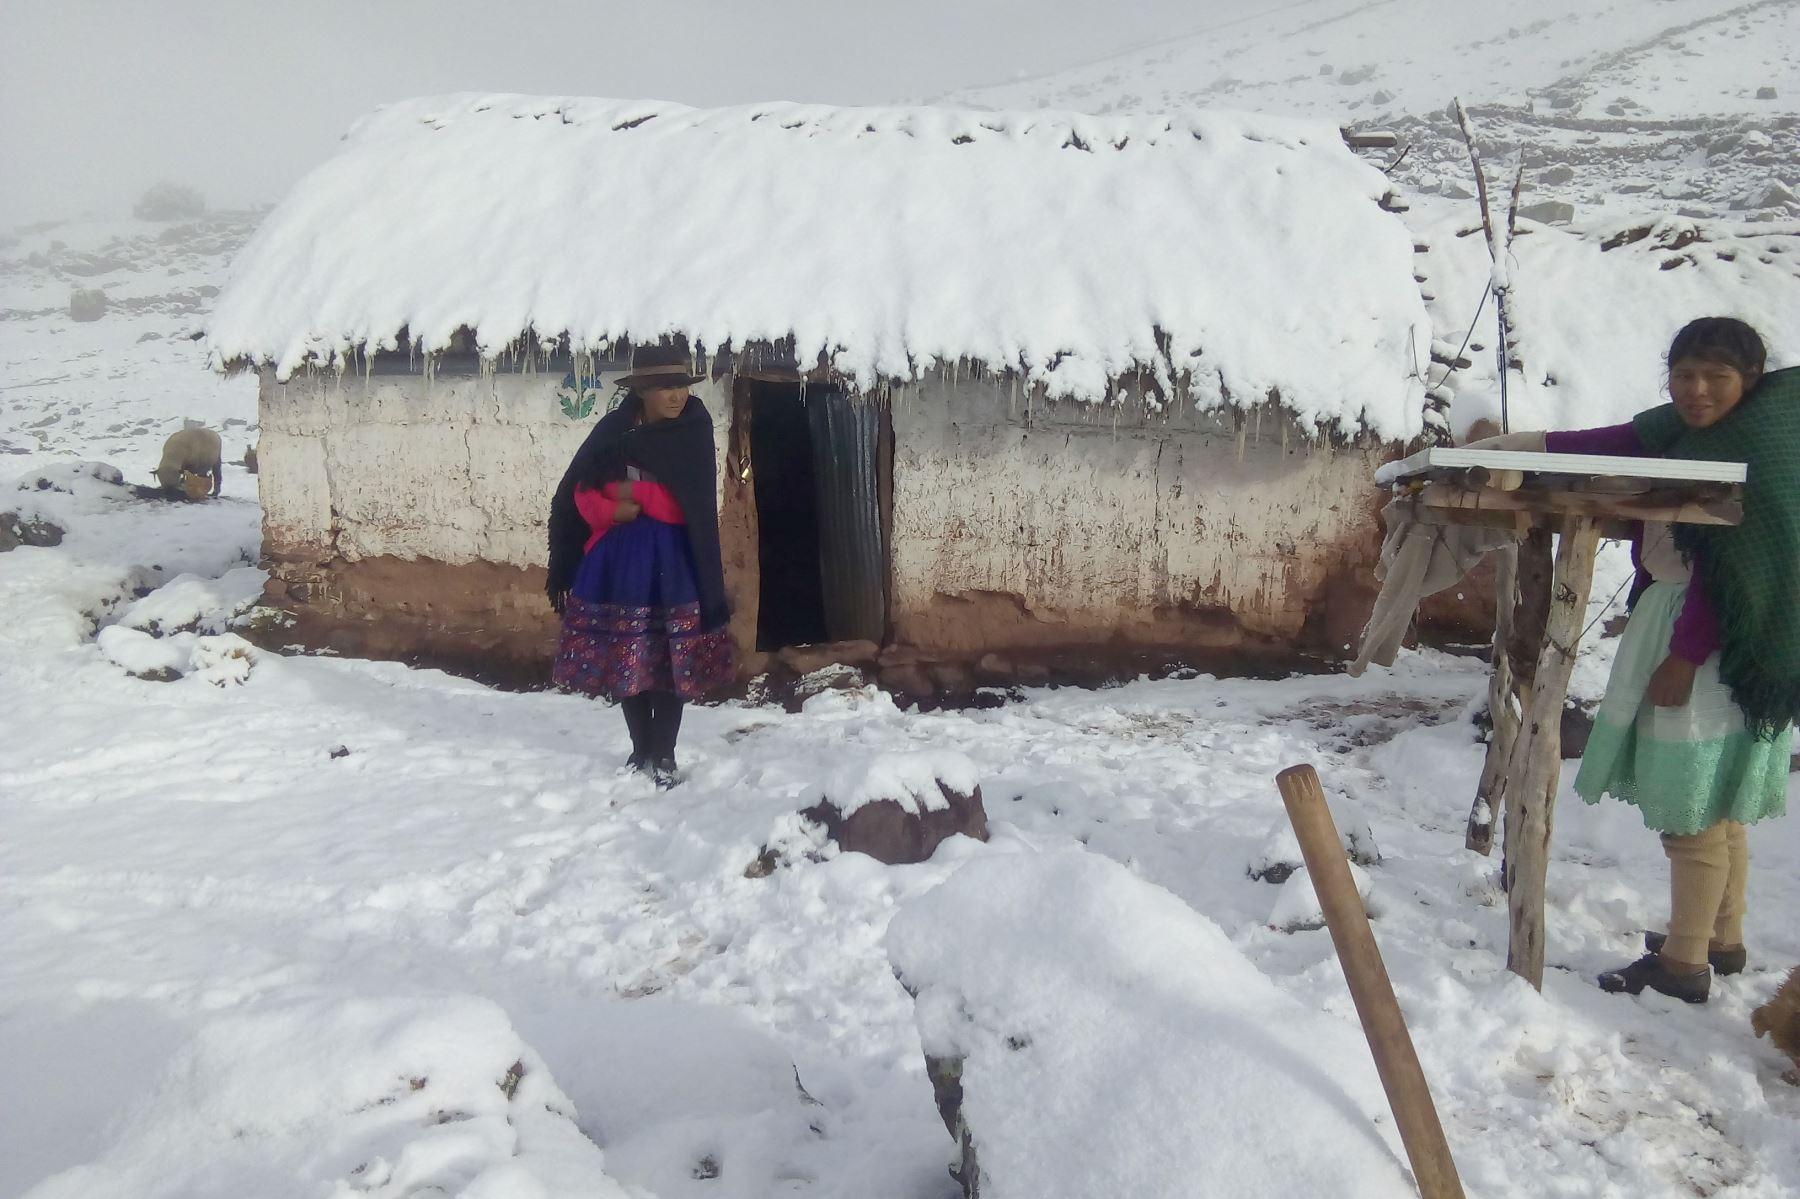 El Ejecutivo declaró el estado de emergencia en 116 distritos de 38 provincias de los departamentos de Apurímac, Ayacucho, Arequipa, Huancavelica, Huánuco, Puno y Lima, debido a los daños producidos por las heladas y nevadas. ANDINA